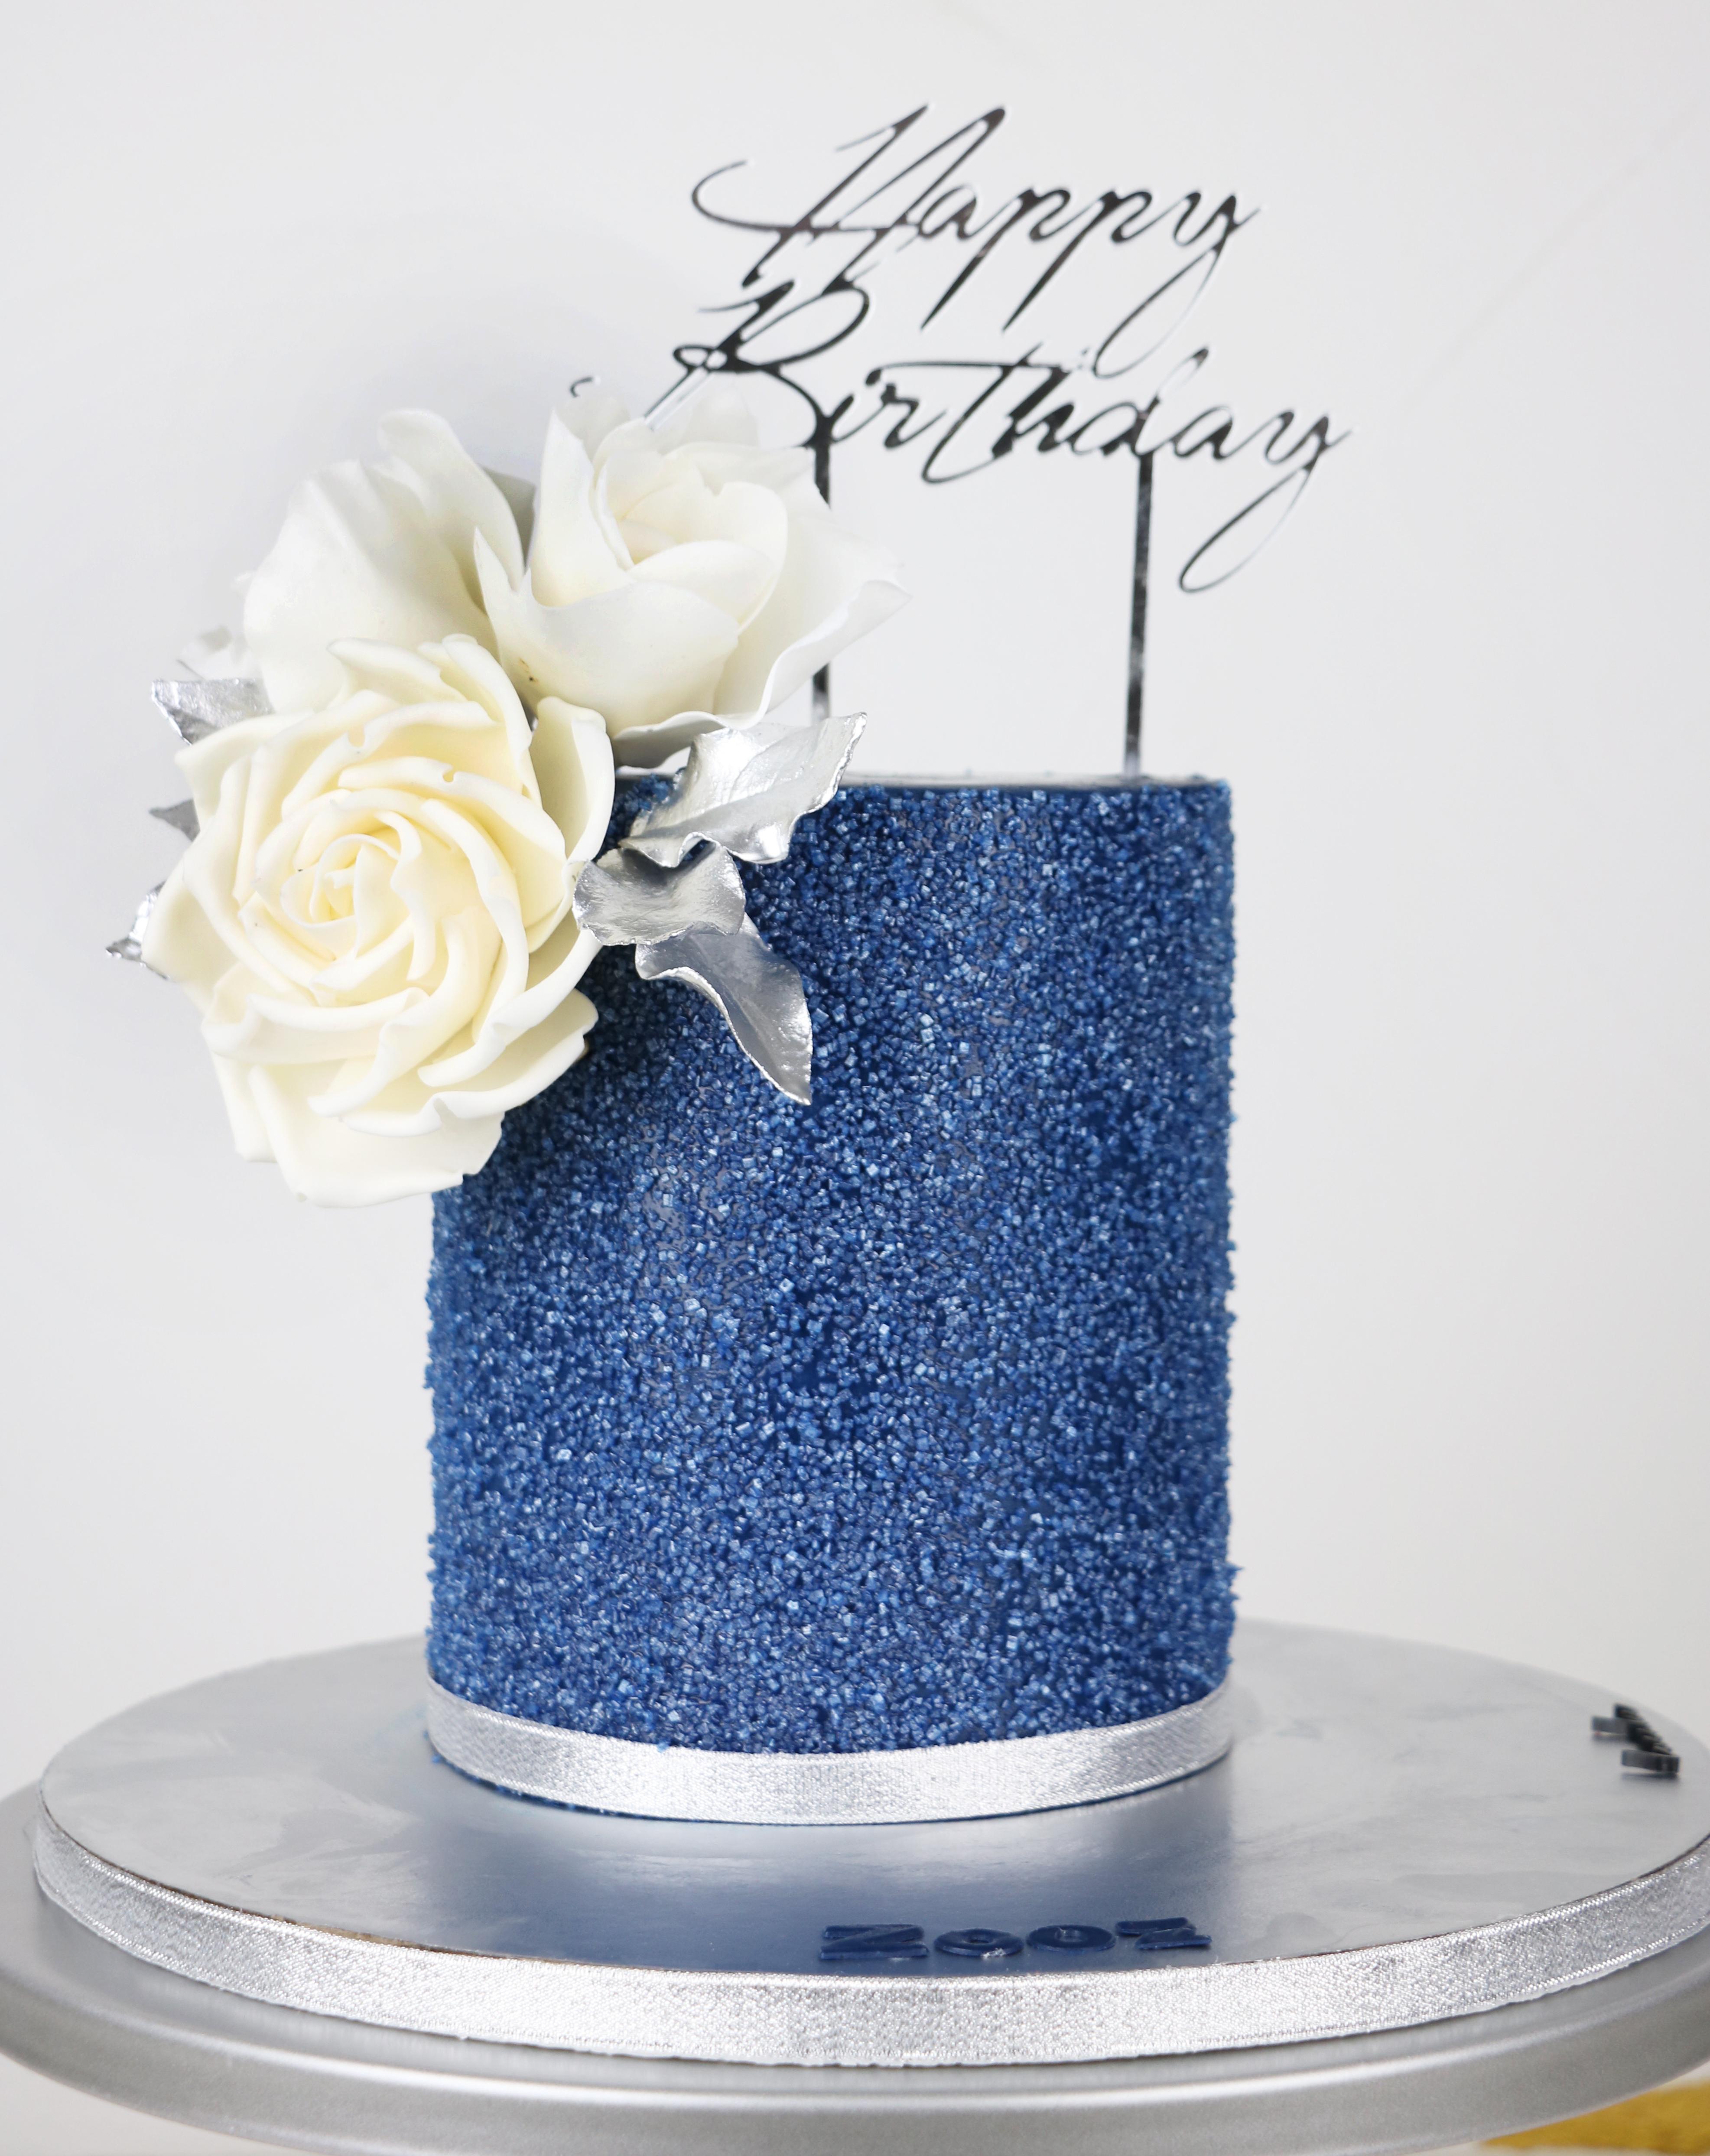 Navy glitter birthday